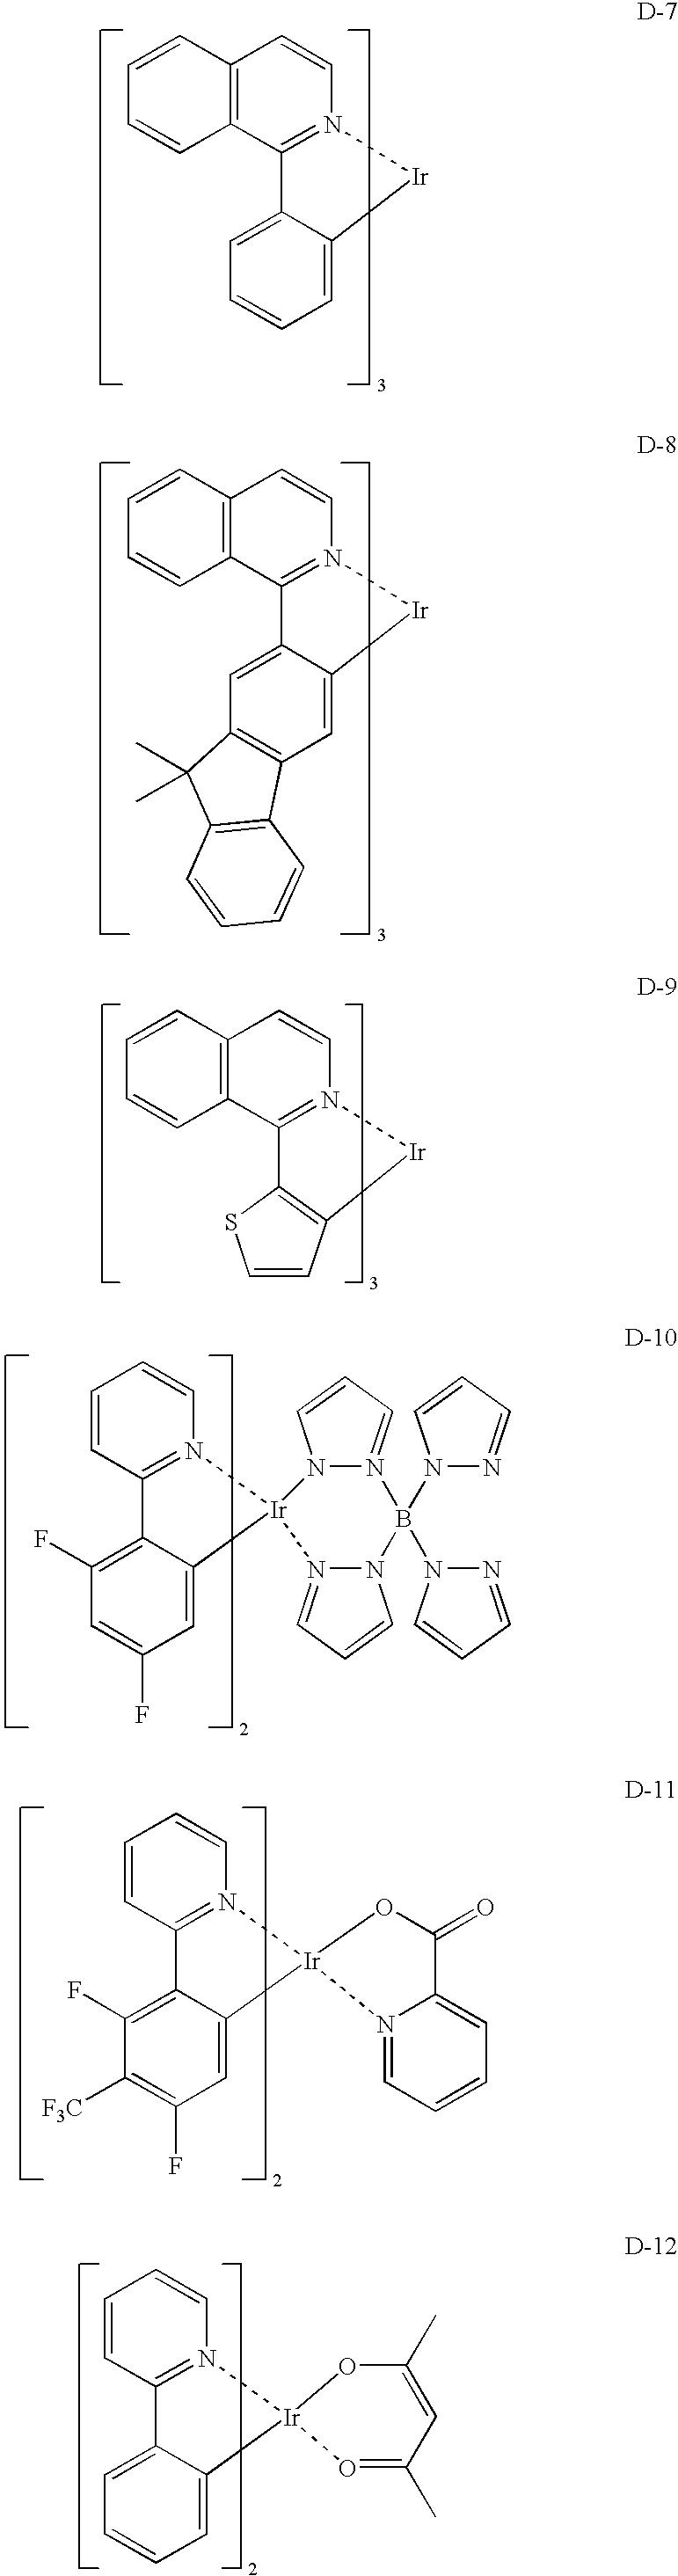 Figure US20100225229A1-20100909-C00002